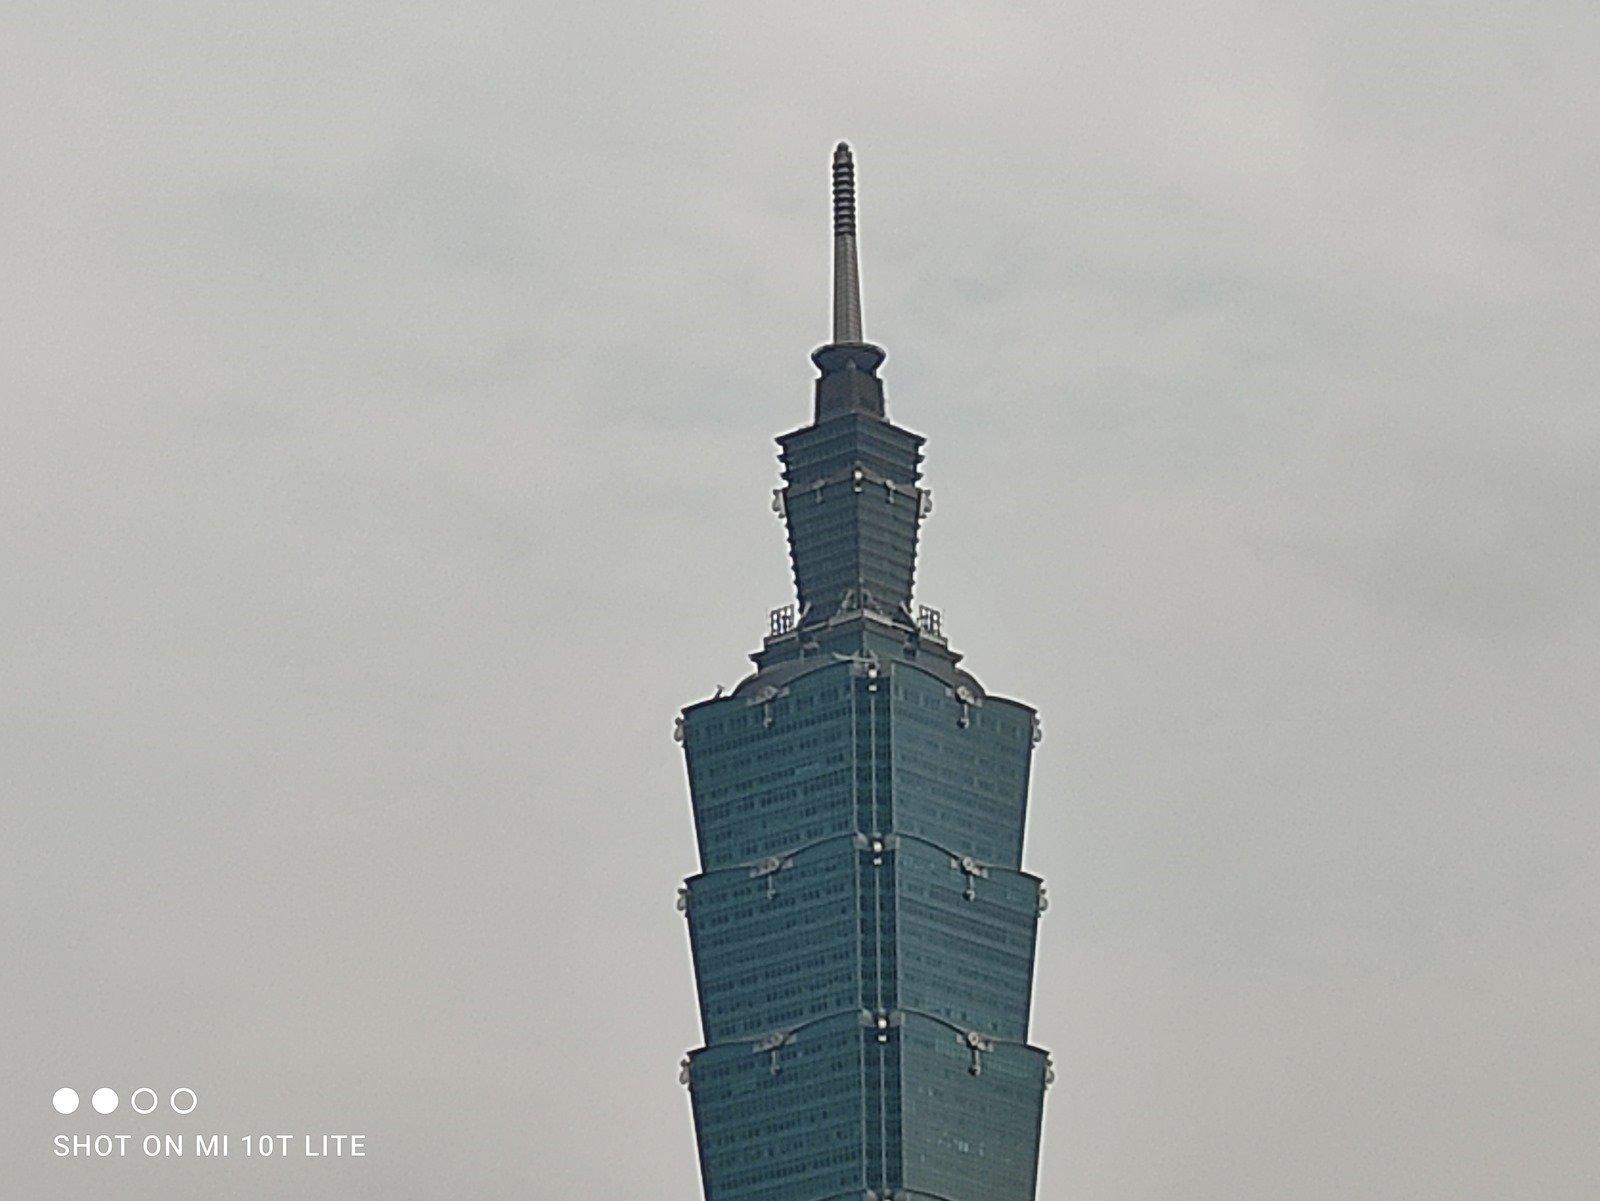 小米萬元有找新機 Mi 10 T Lite 性能電力實測 / 充電測試 / 相機實拍 @3C 達人廖阿輝